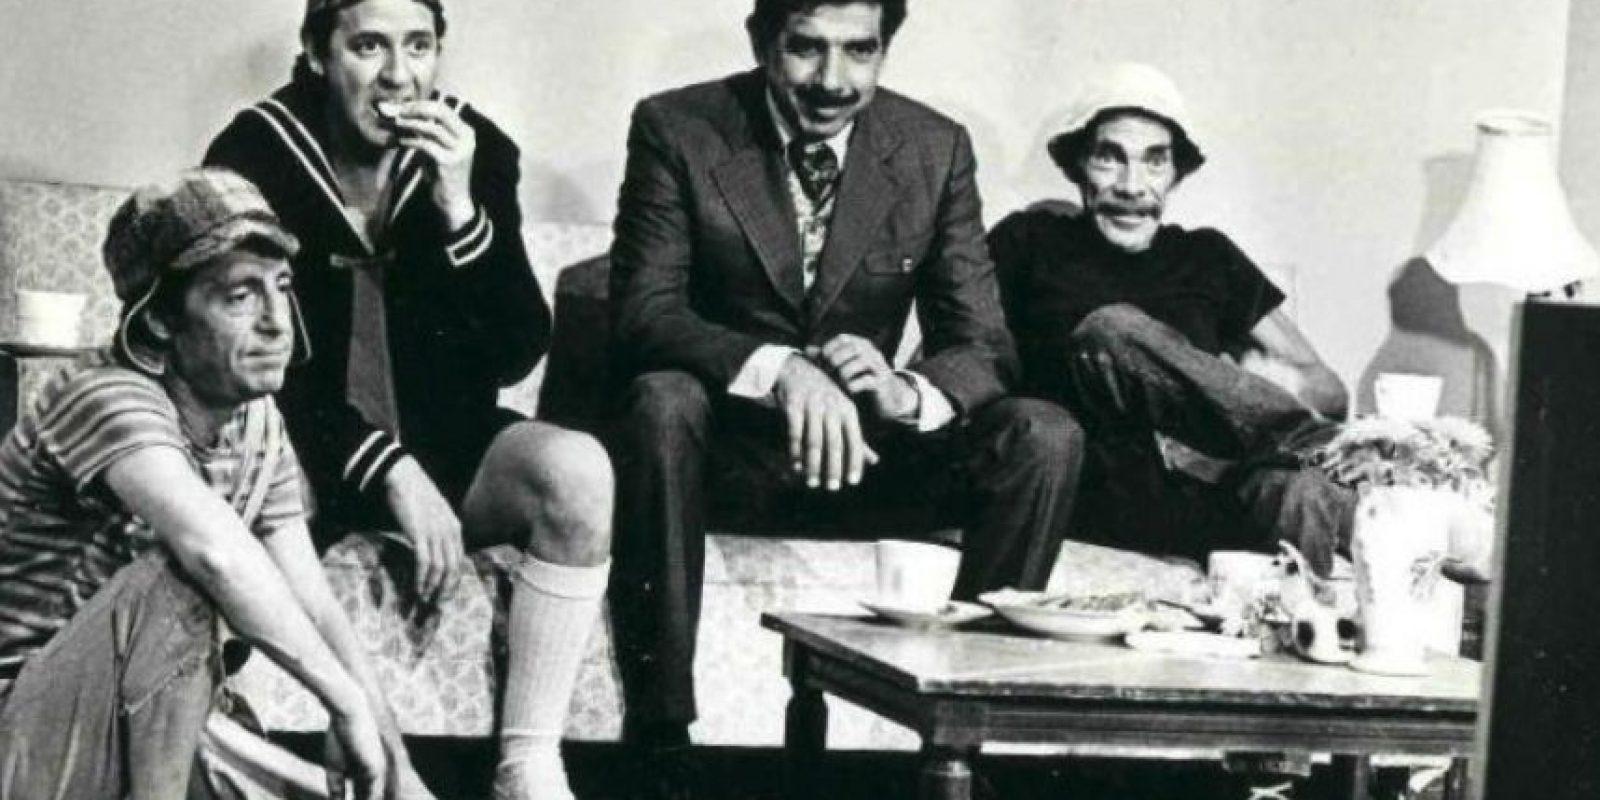 """Así se veía """"Don Ramón"""" en fotos que los fans poco conocen Foto:Vía ElChavodelOcho.com. Imagen Por:"""